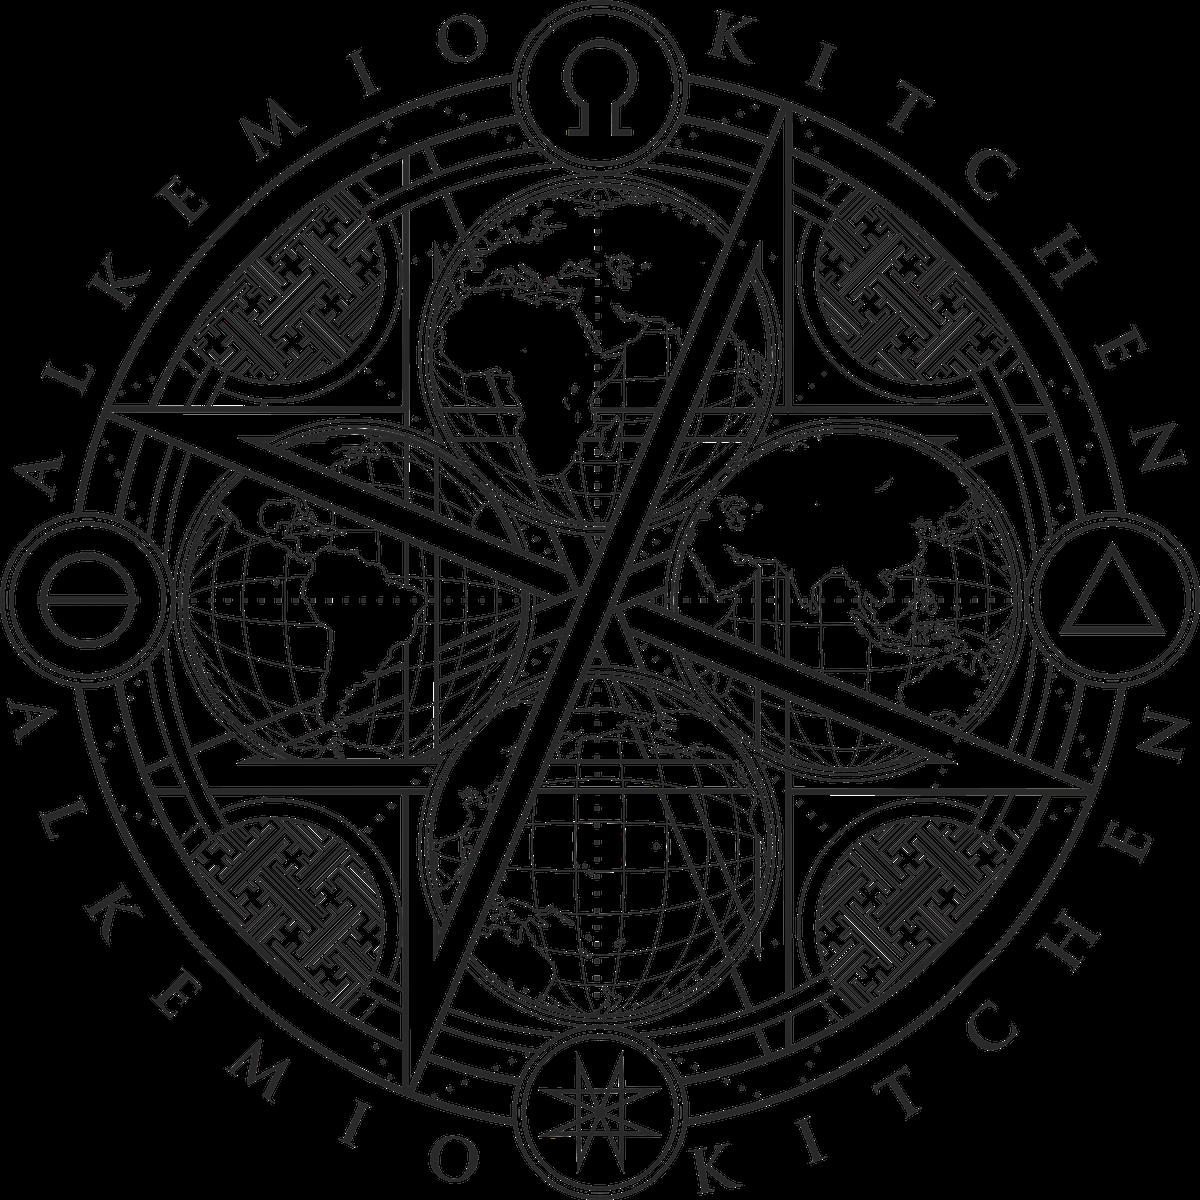 Supper club 'alkemio kitchen' logo